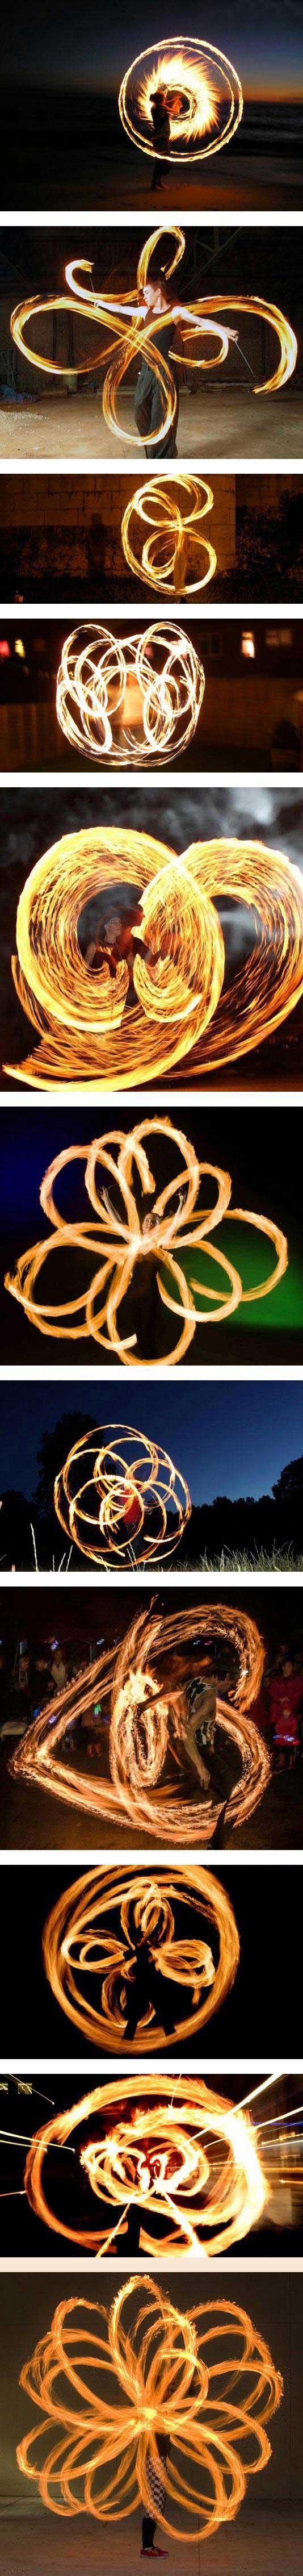 عکسهای شگفت انگیز از آتش بازی در شب